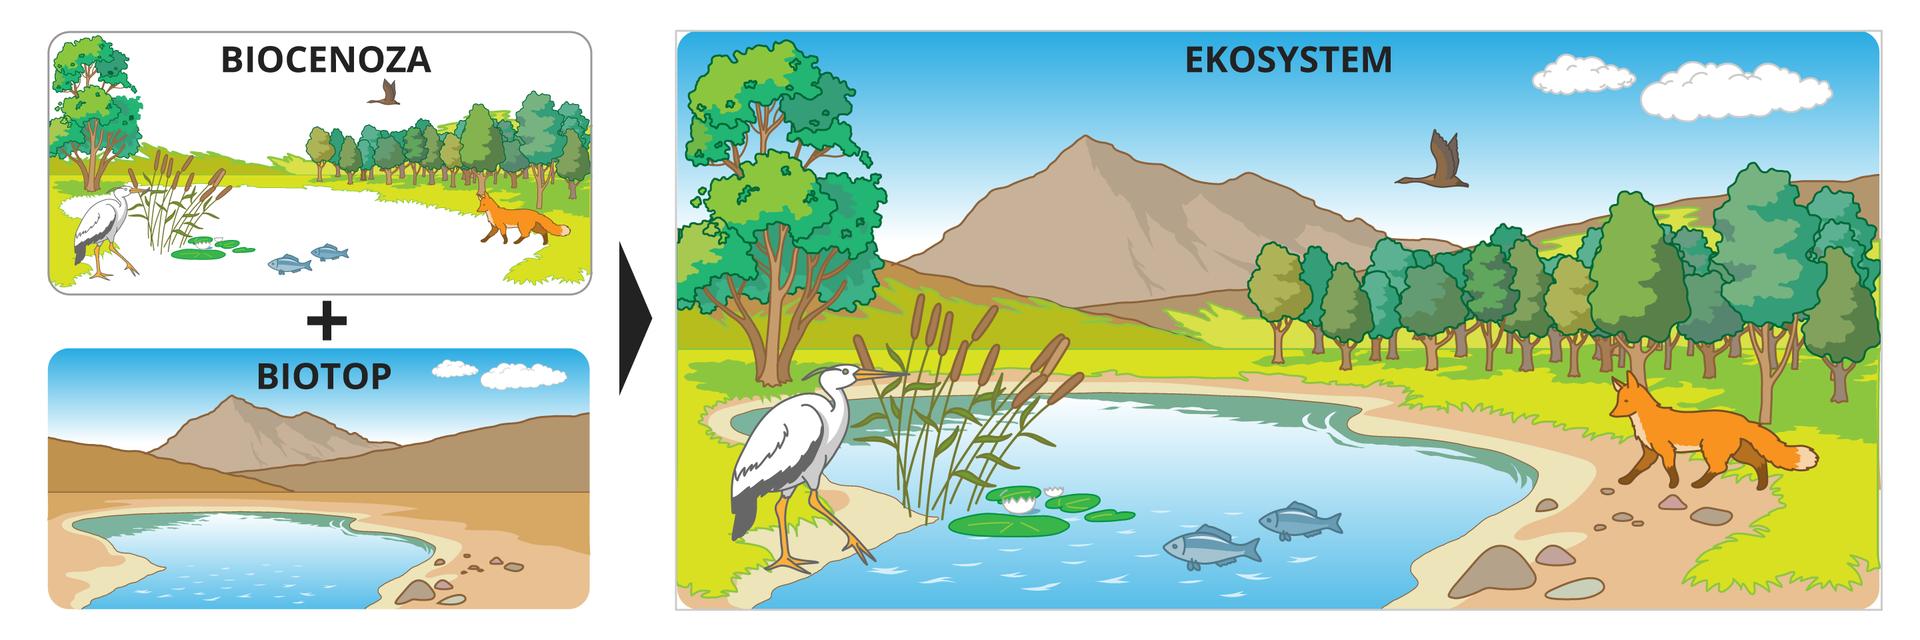 Dwie ilustracje przedstawiają składniki ekosystemu. Górna ilustracja przedstawia biocenozę – część nieożywioną, do której należą: rośliny, zwierzęta, grzyby iinne organizm. Dolna ilustracja przedstawia biotop – część nieożywioną, do której należą: skały, kamienie, wody, różne formy terenu. Biocenoza plus biotop na jednej ilustracji, po prawej stronie, tworzą ekosystem. Oba składniki ekosystemu oddziałują wzajemnie na siebie.